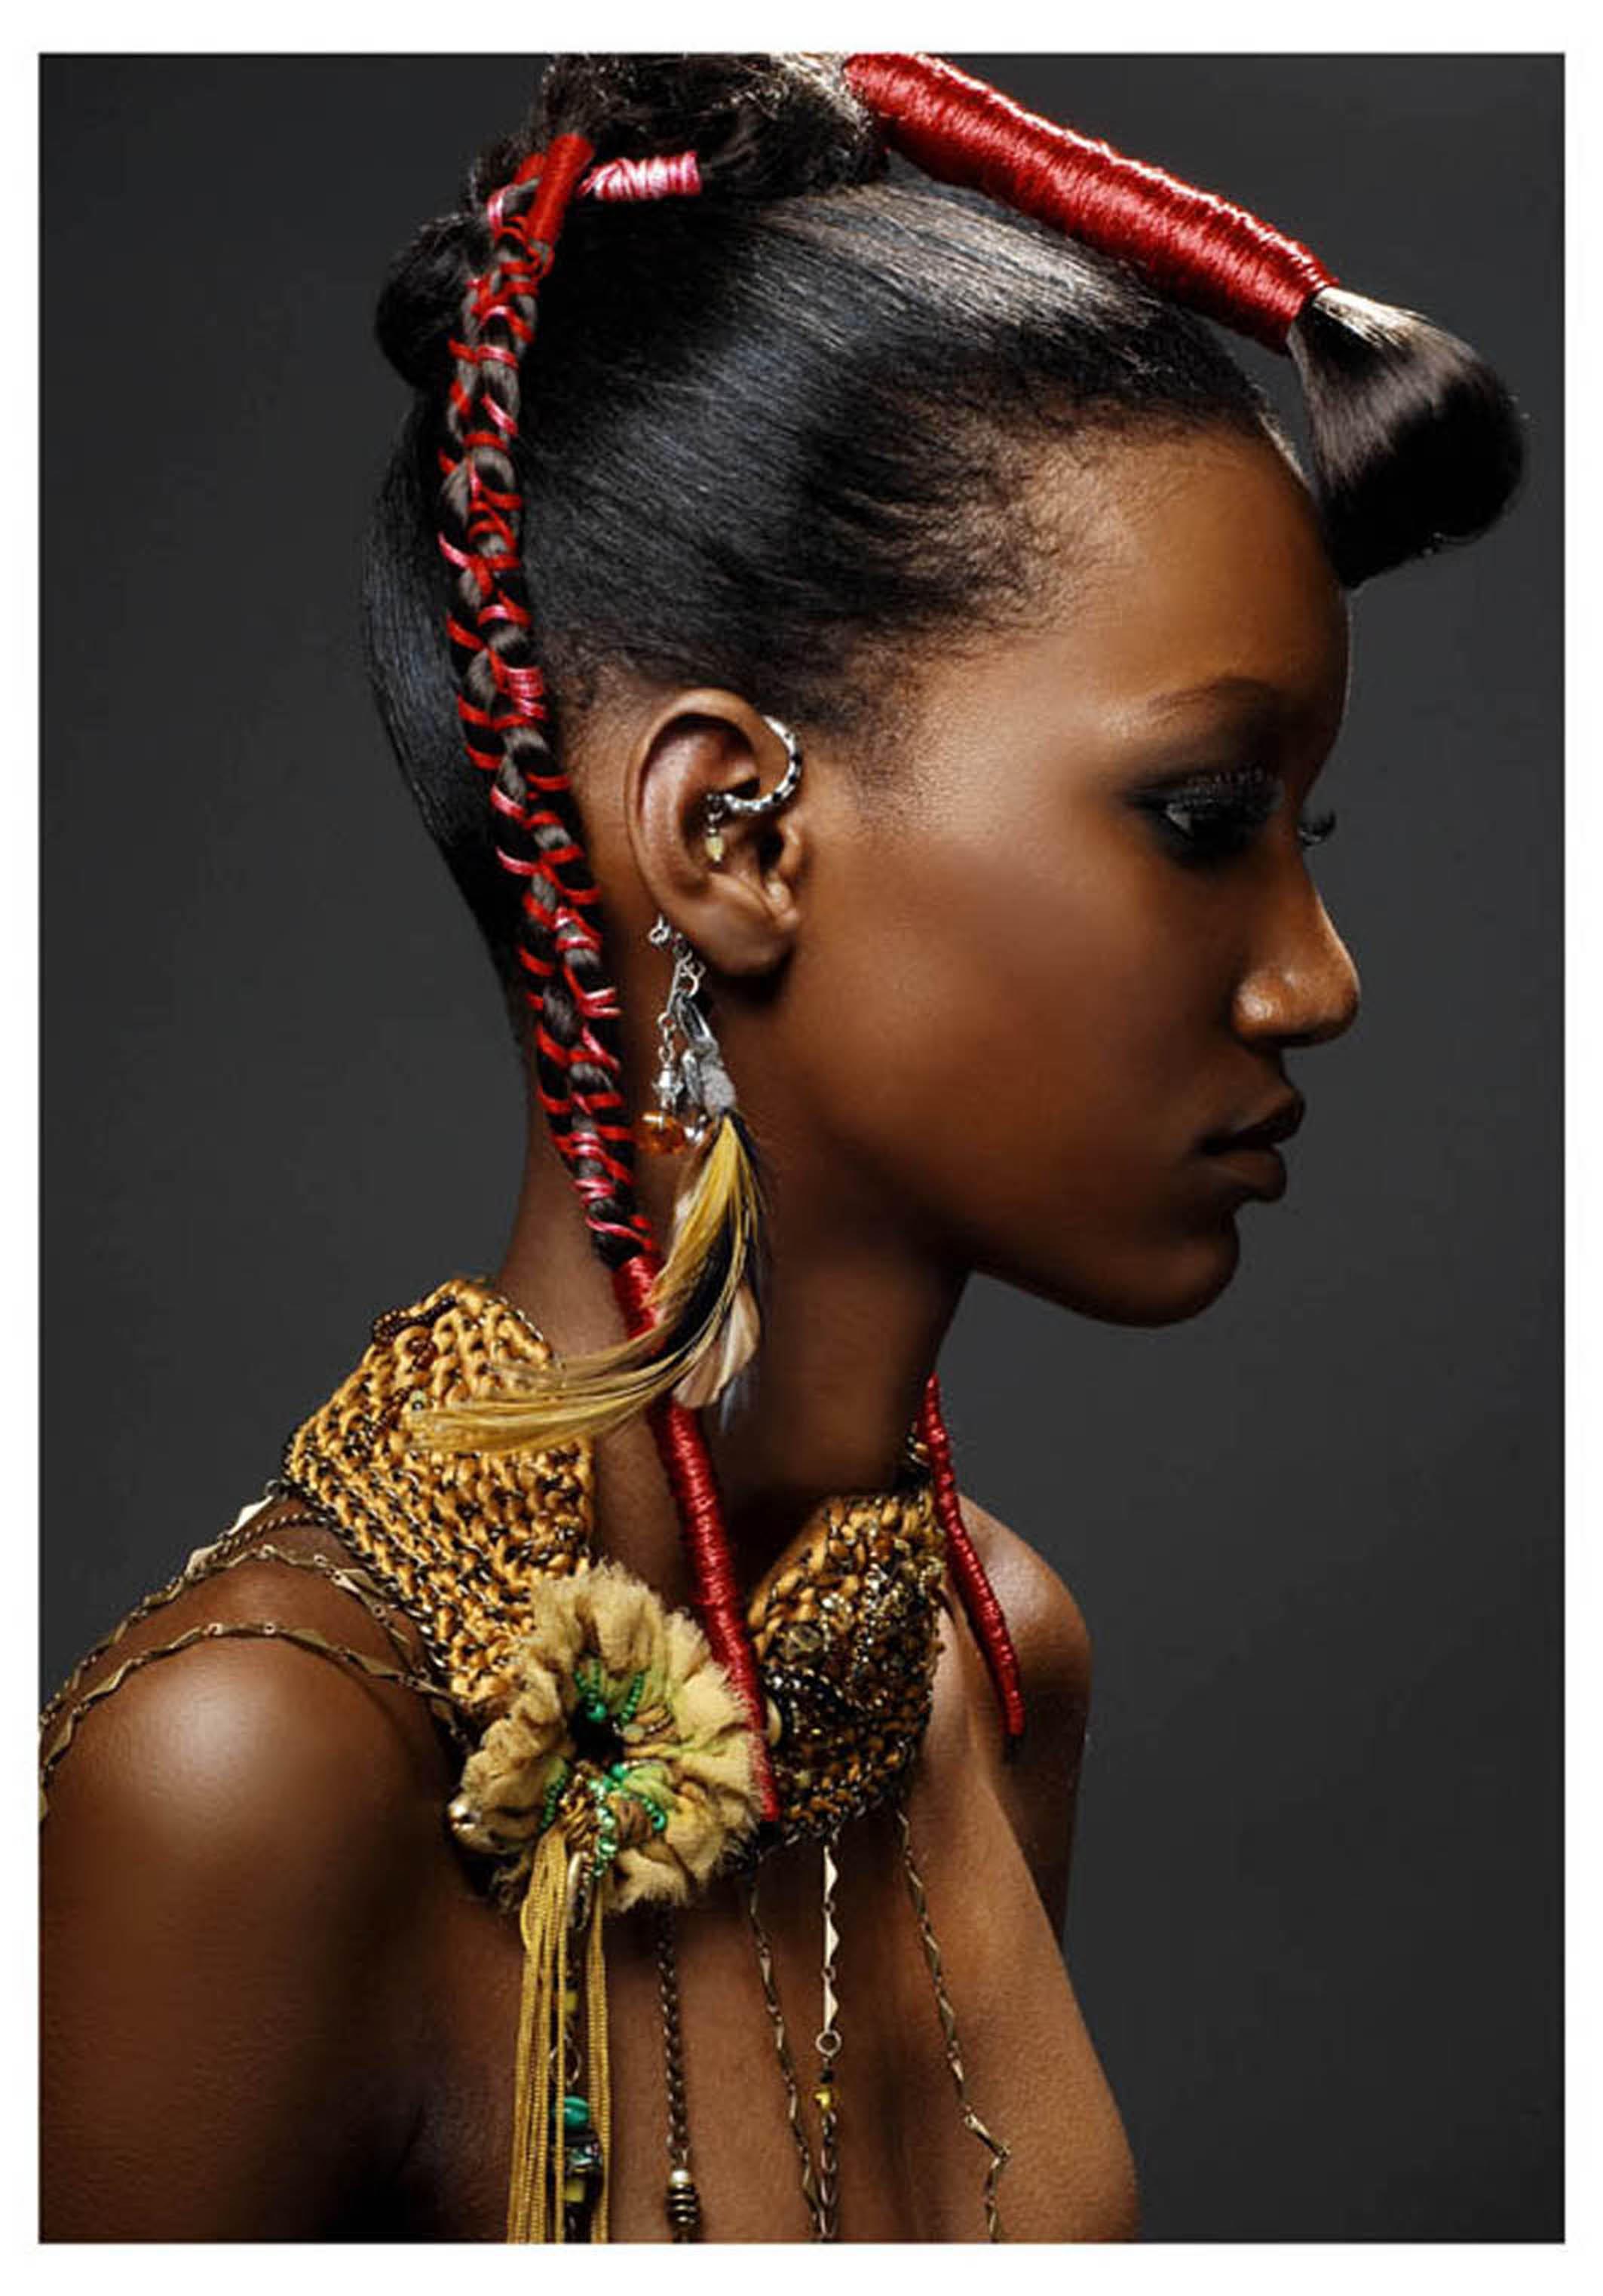 African Beauty | newgarde